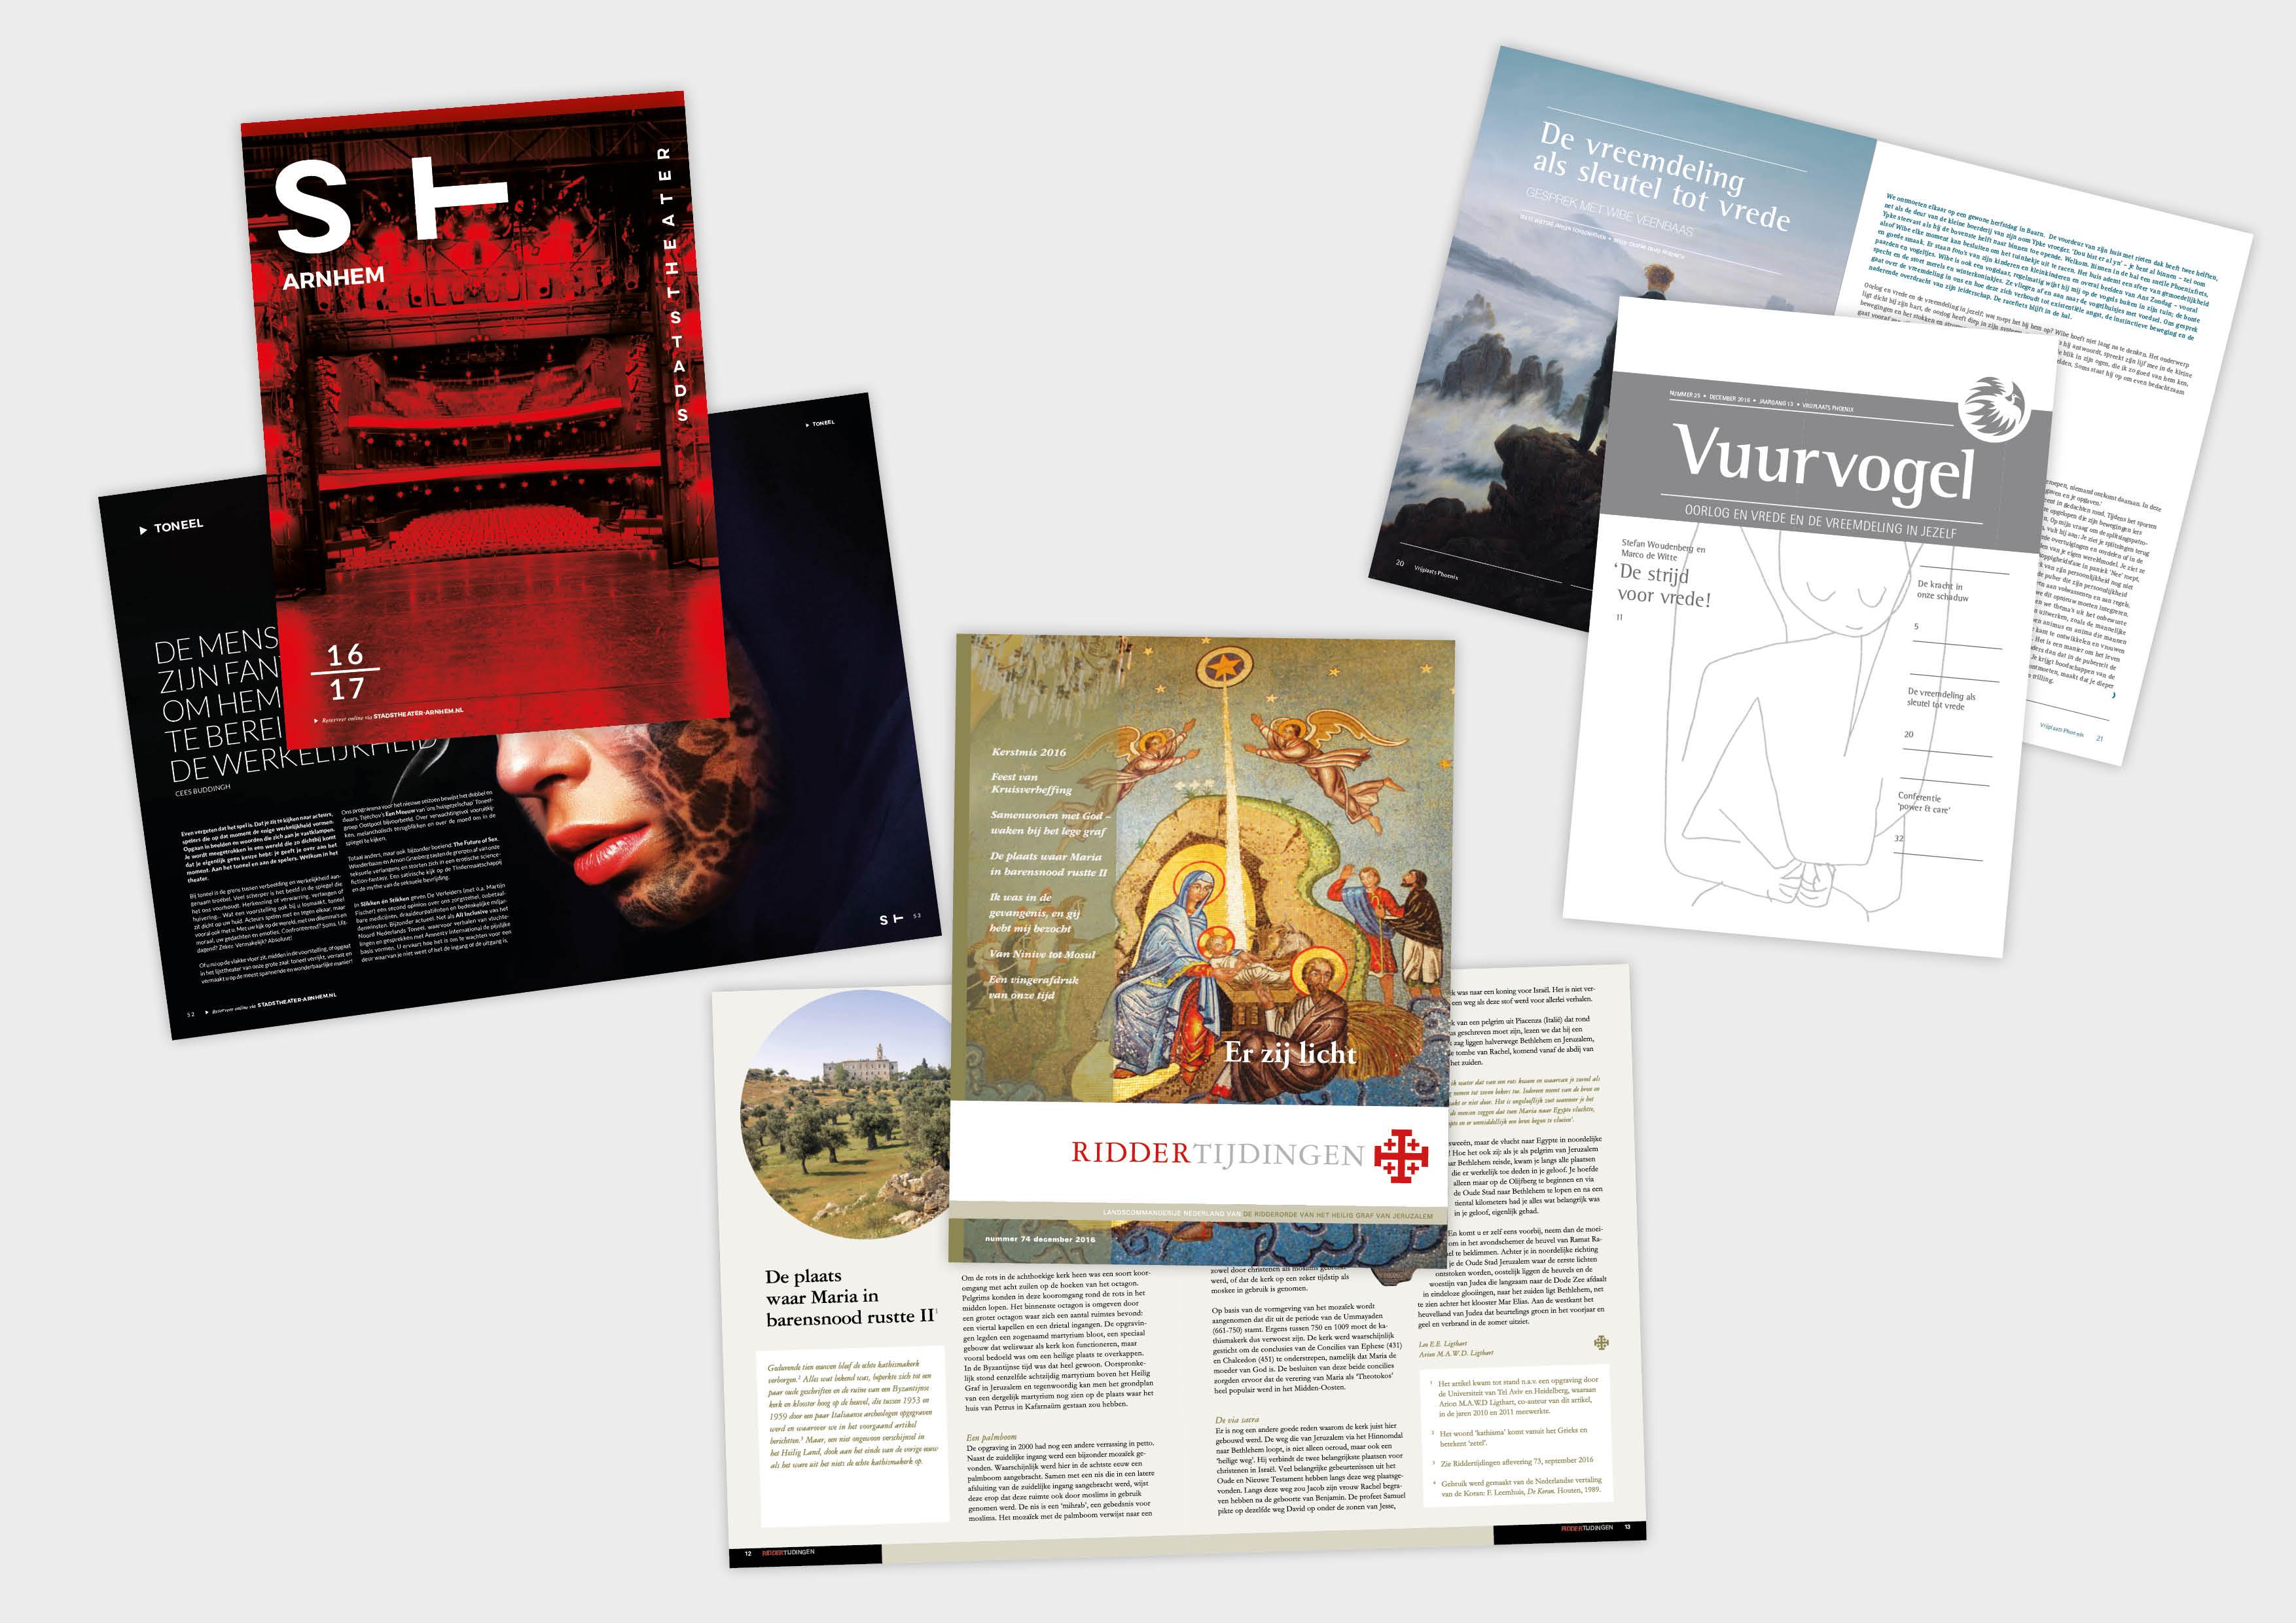 voorbeelden-magazines.jpg